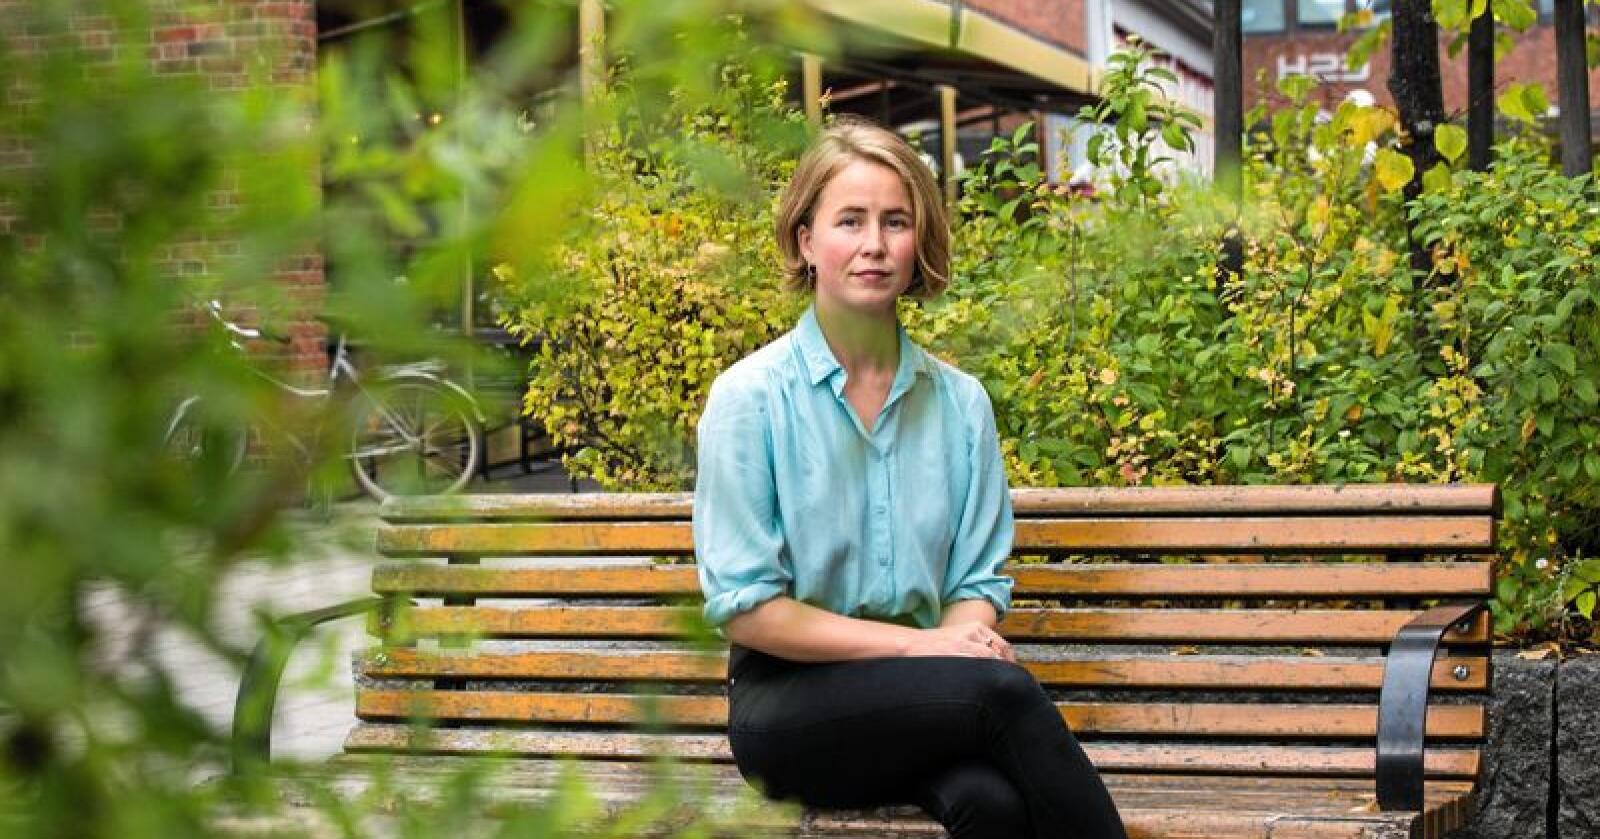 Leder i Framtiden i våre hender, Anja Bakken Riise, mener det er uheldig dersom folk ikke føler de kan diskutere klimatiltak i møte klimaendringene. Foto: Mariam Butt / NTB scanpix